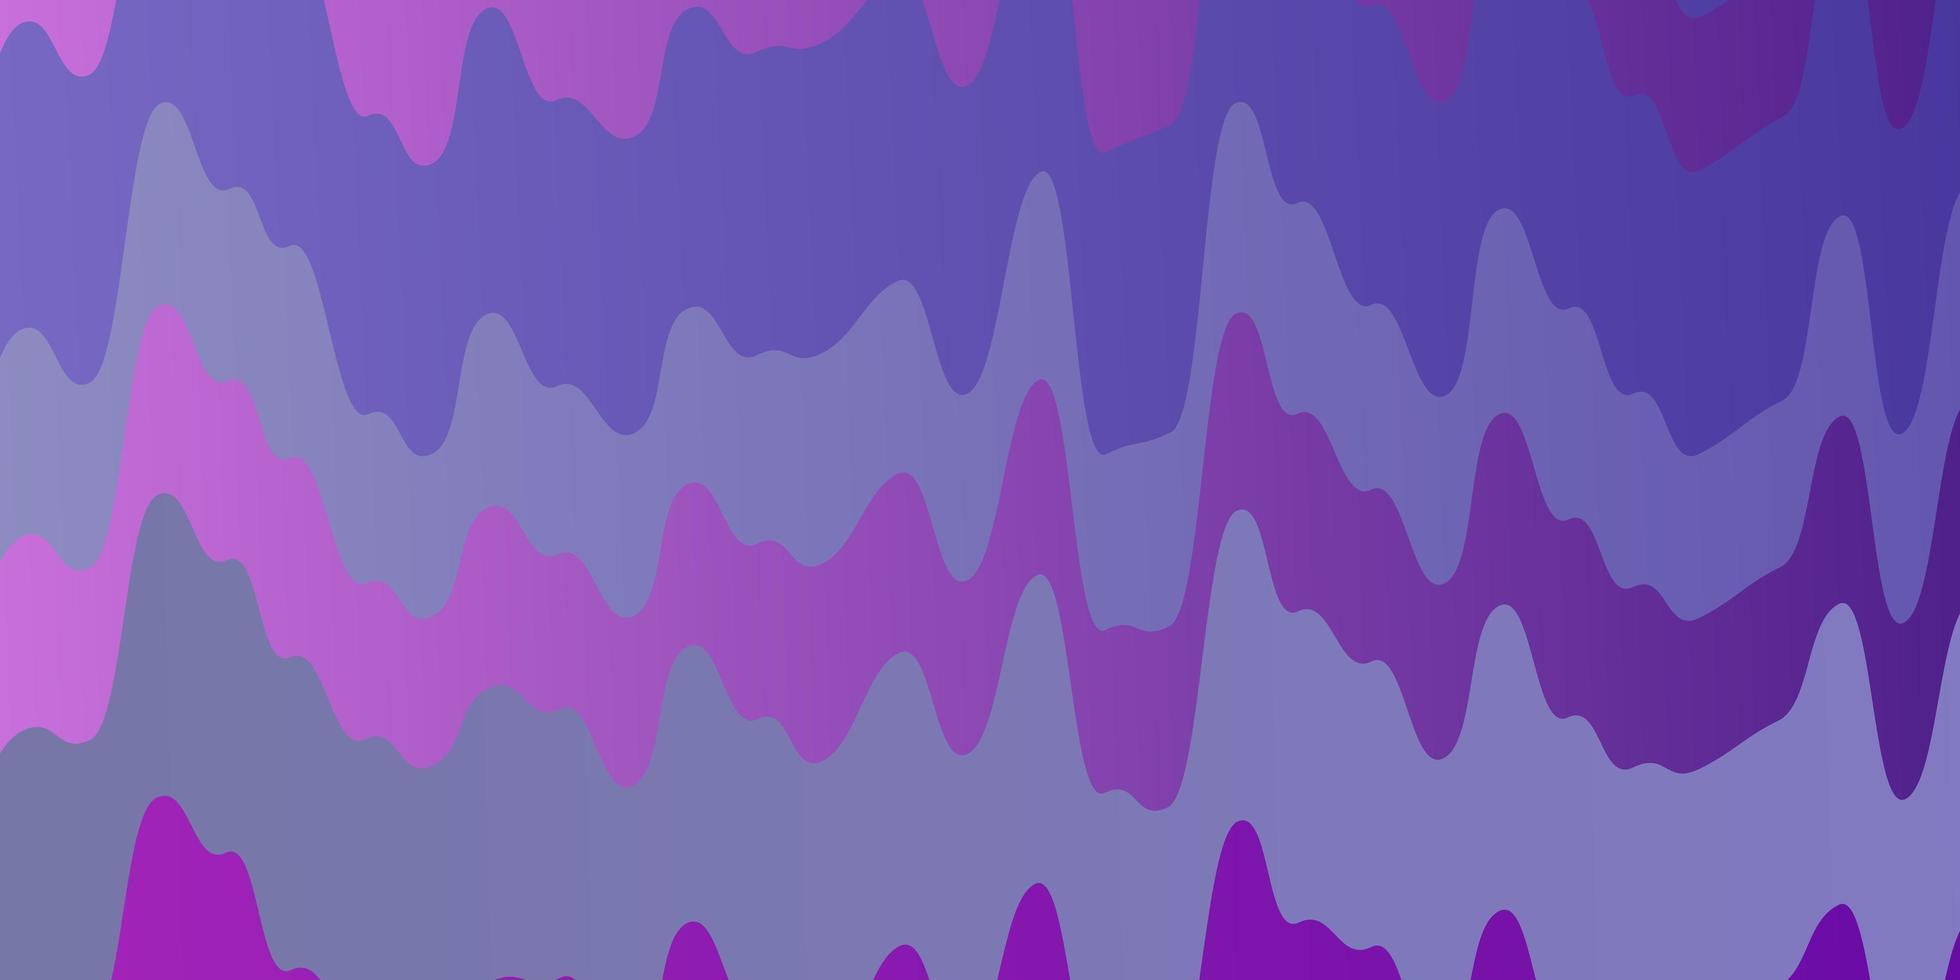 fond rose et violet avec des arcs. vecteur